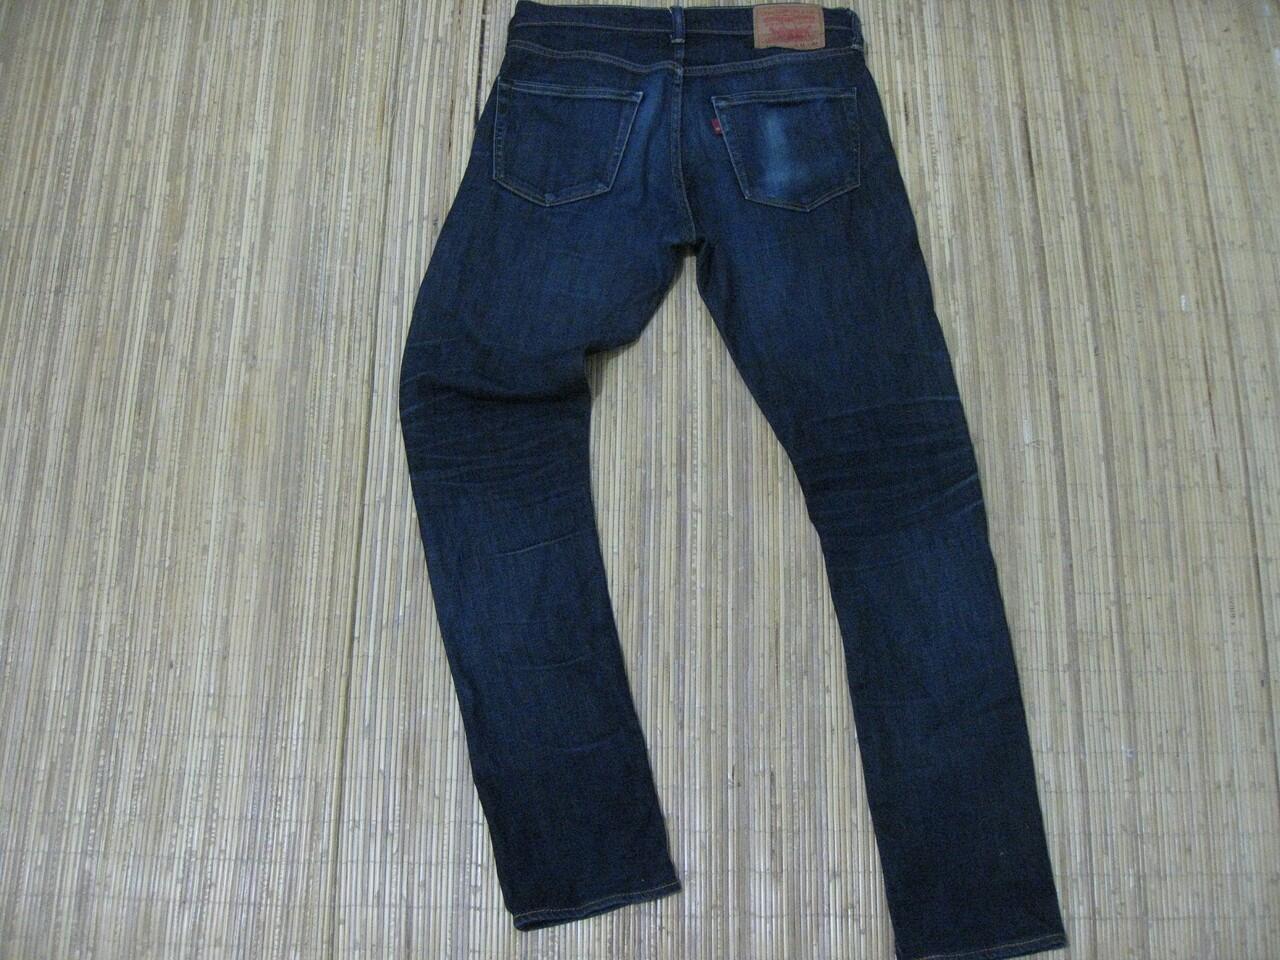 Levis Jeans 510 Slim Fit Size 31/34 Original